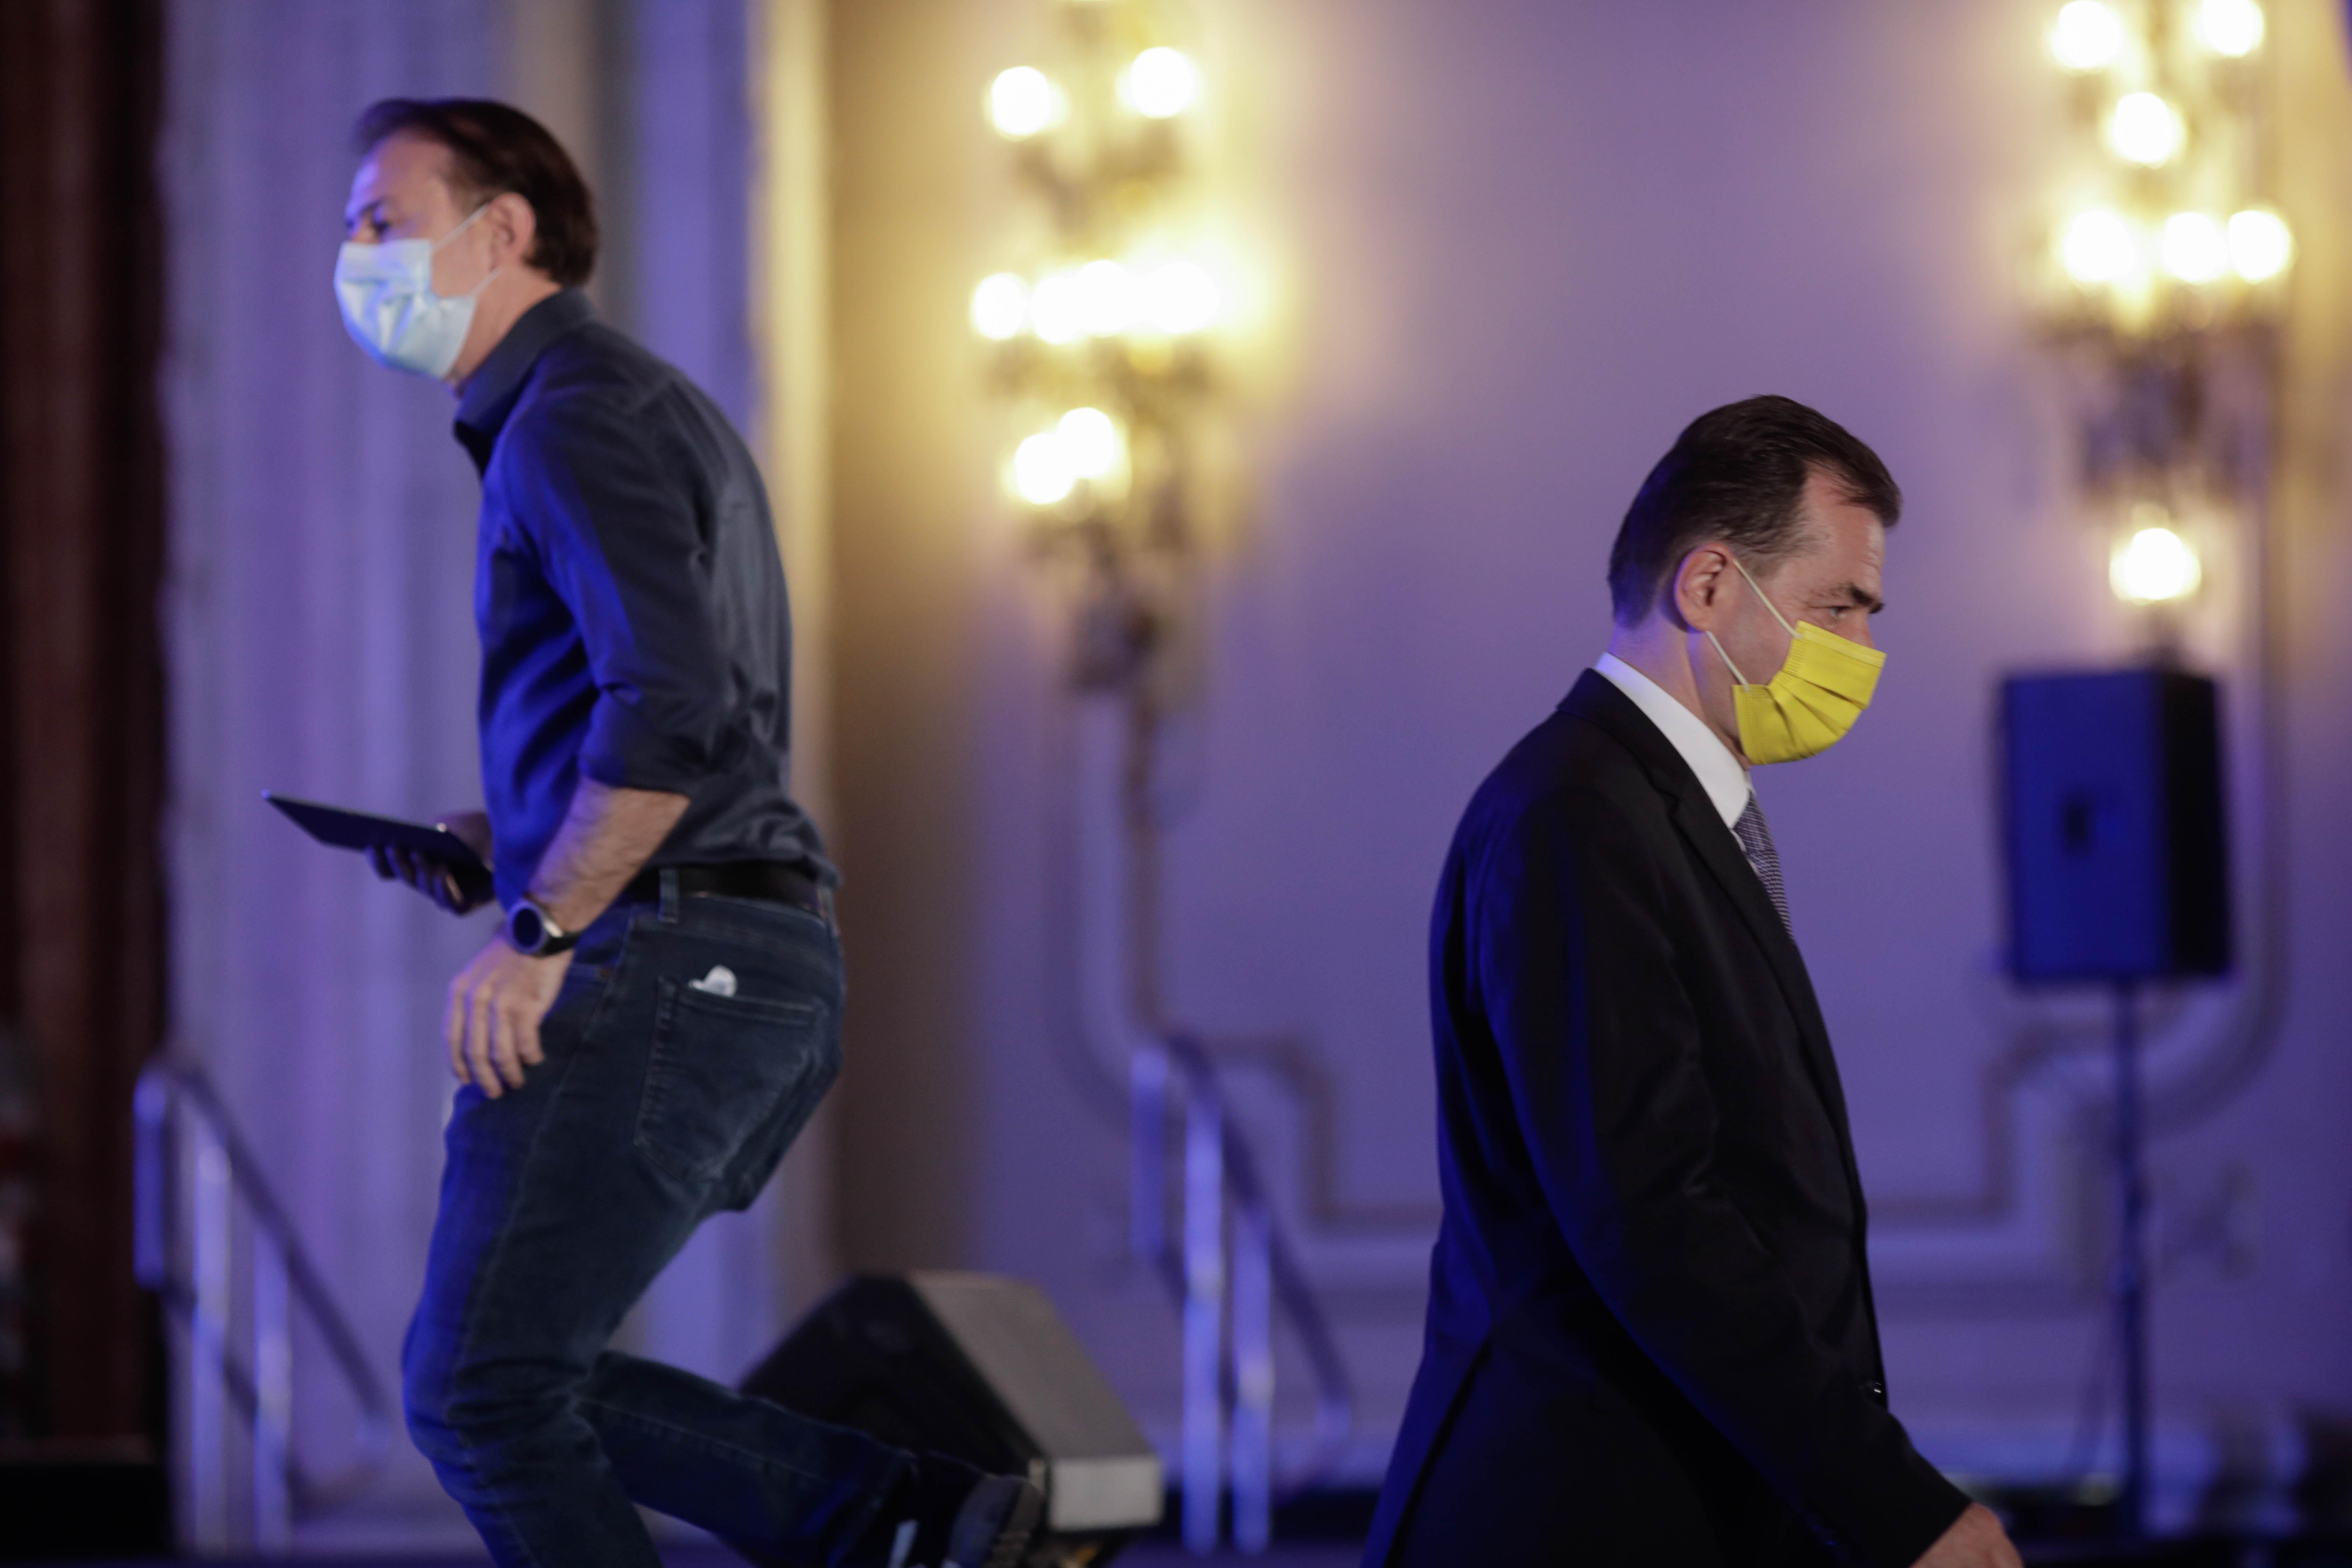 Congresul PNL intră în linie dreaptă. Ludovic Orban acuză posibile fraude în ziua decisivă